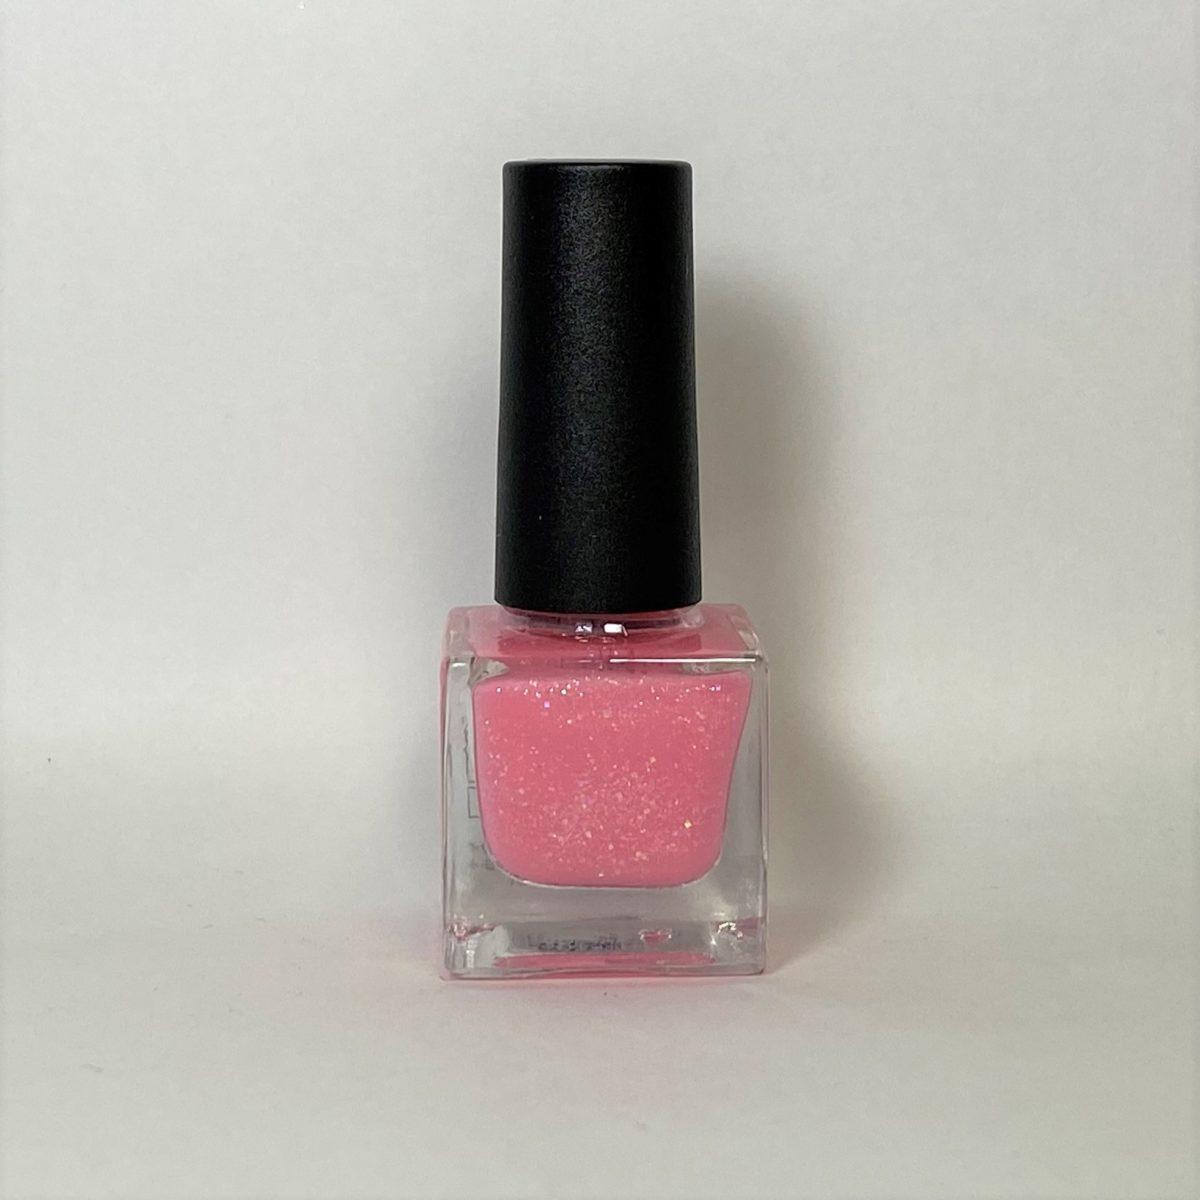 ネイルポリッシュ G16 Light Pink